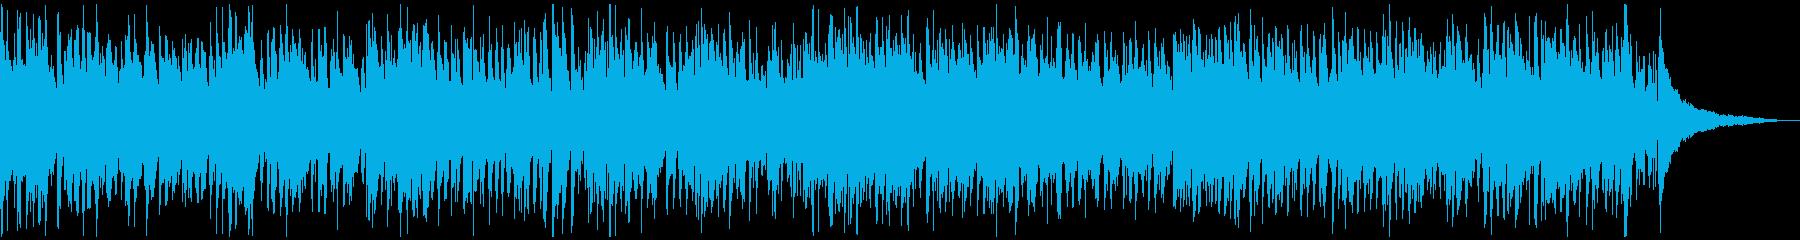 生音・生演奏・軽快で楽しいピアノのジャズの再生済みの波形